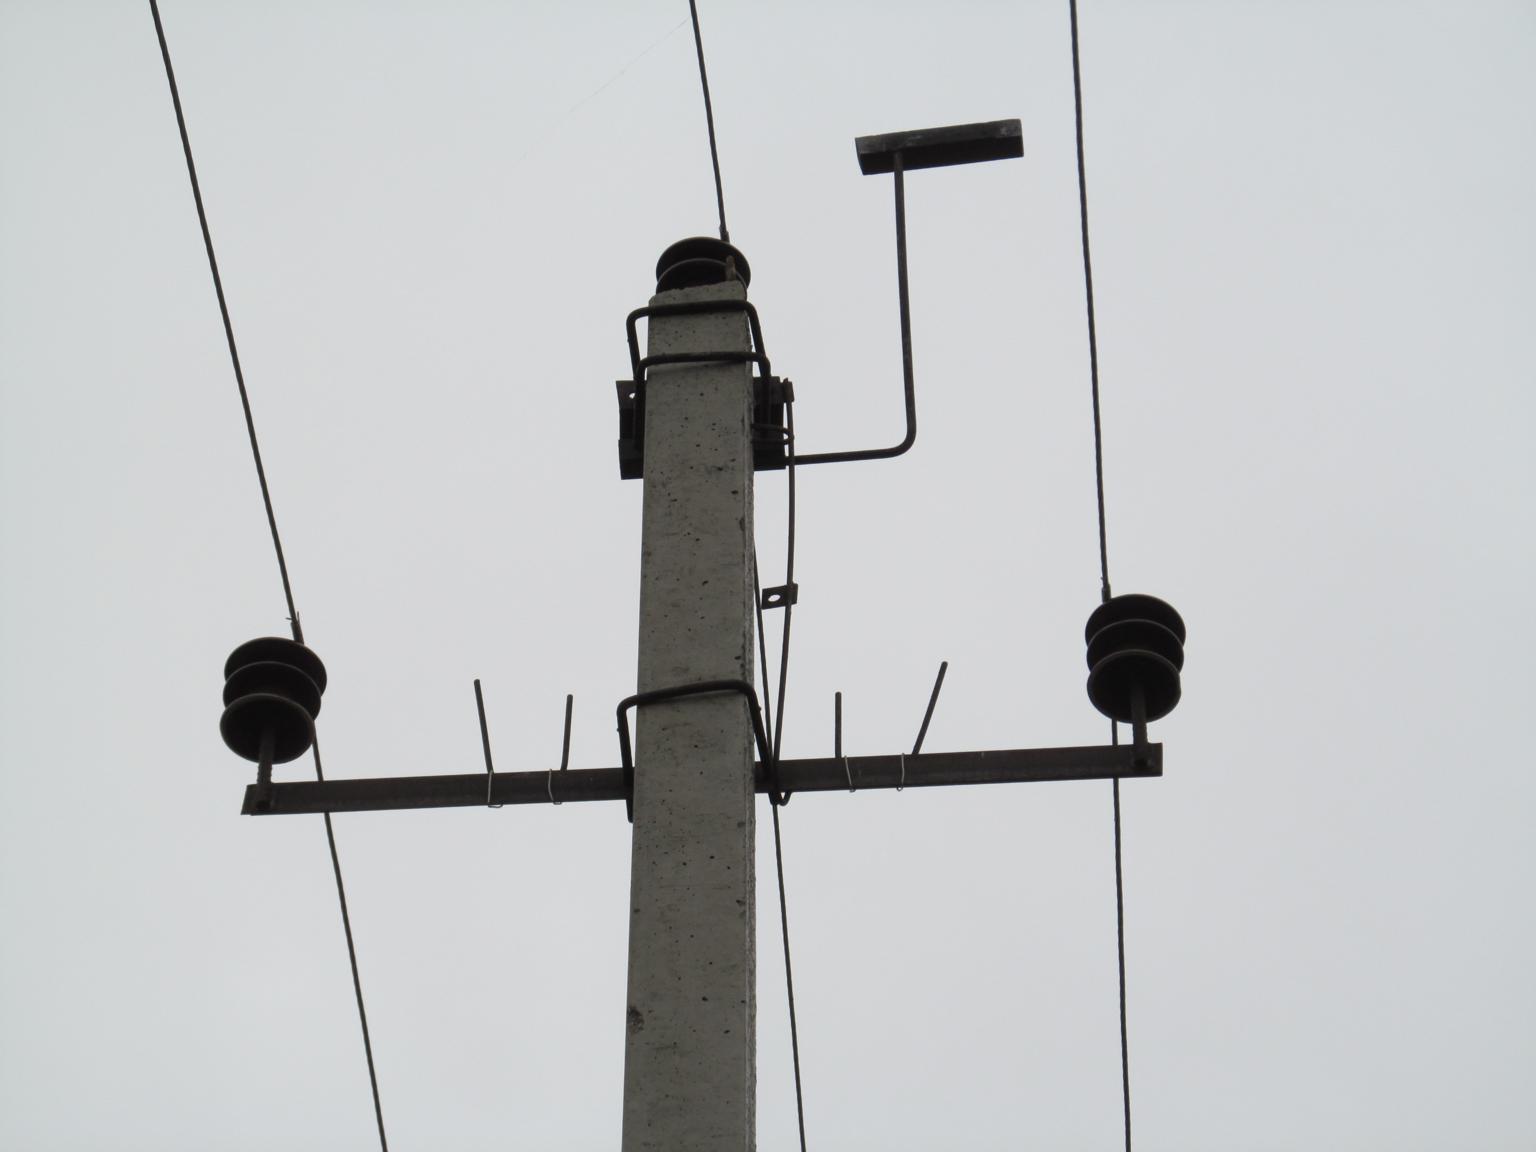 Новая! ВЛ 6 кВ, оснащённая запрещёнными в России заградителями и металлическими «присадами». Фото А. Салтыкова